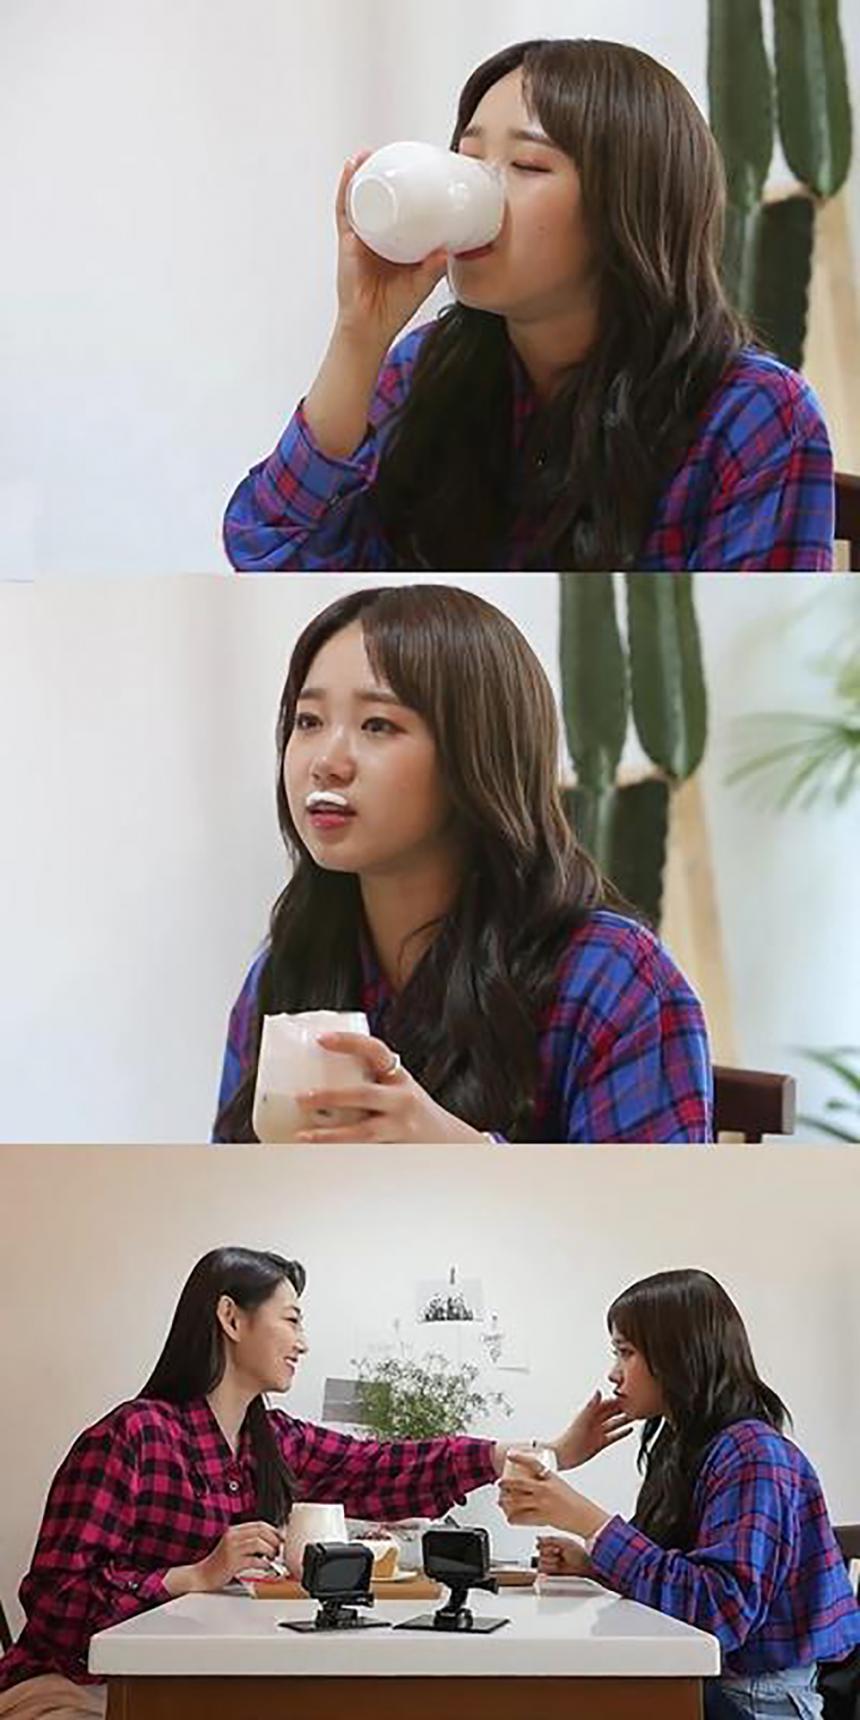 유정-도연 / KBS2'배틀트립' 방송 캡처